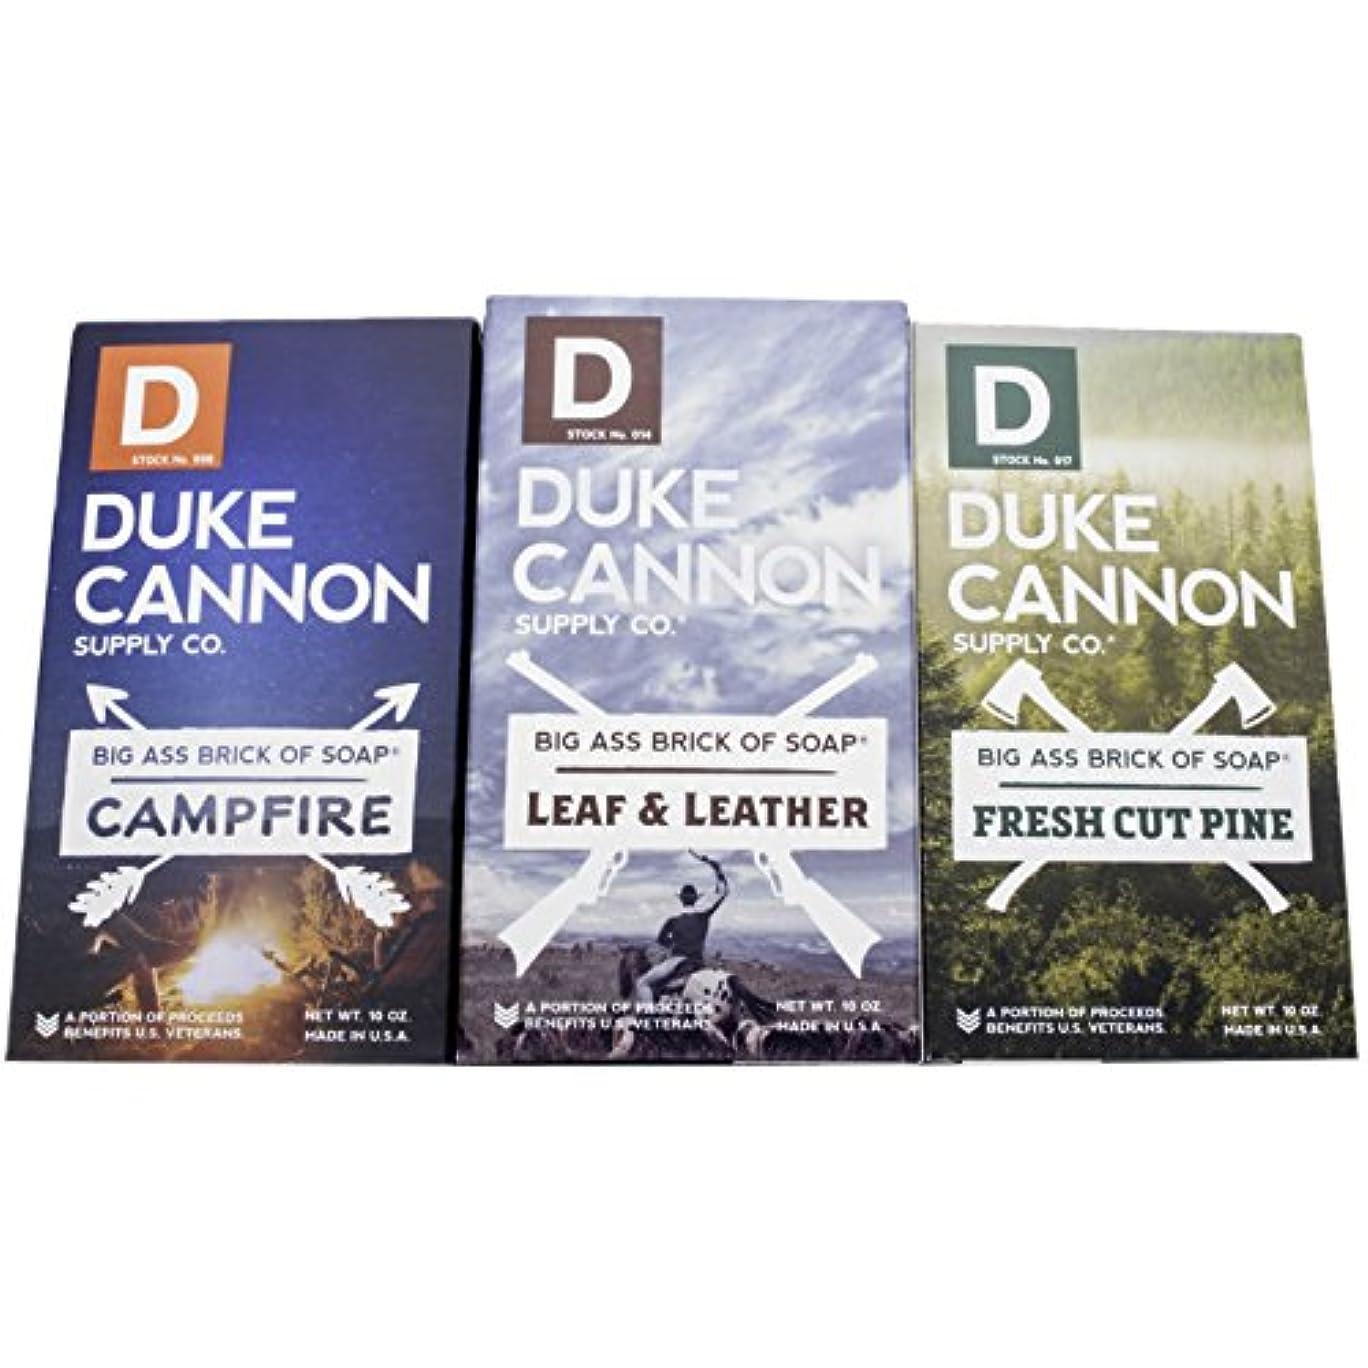 標高施し姿勢Duke Cannon「Great American Frontier」メンズ ソープセット 大きなレンガ フレッシュカットパイン、リーフ&レザー、キャンプファイヤー